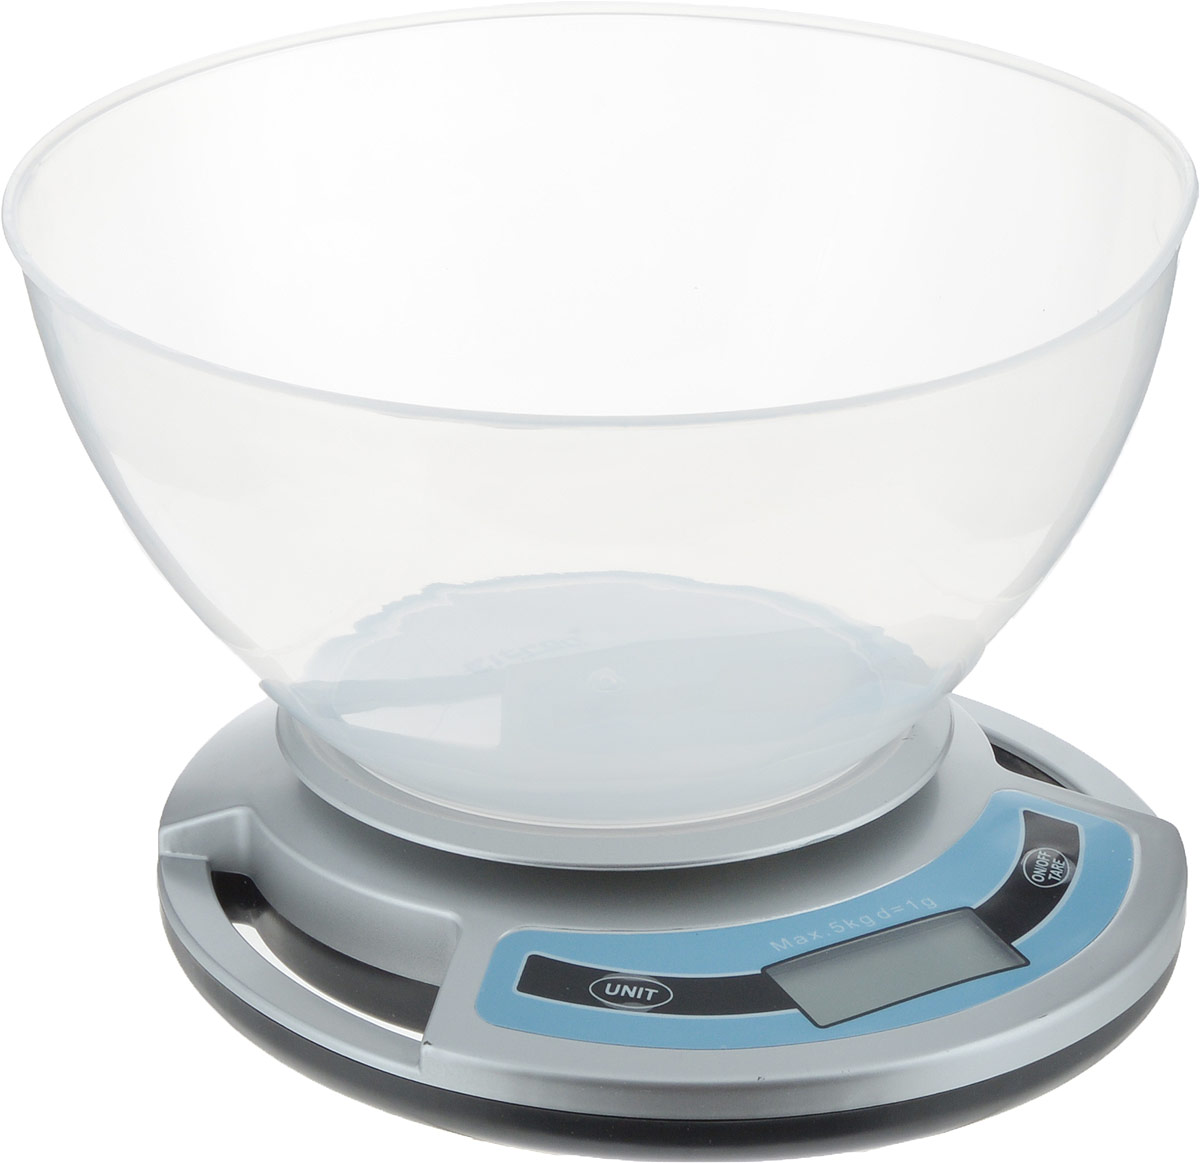 """Весы кухонные """"Eltron"""", электронные, с чашей, цвет: серый, прозрачный, до 5 кг. 9260EL"""